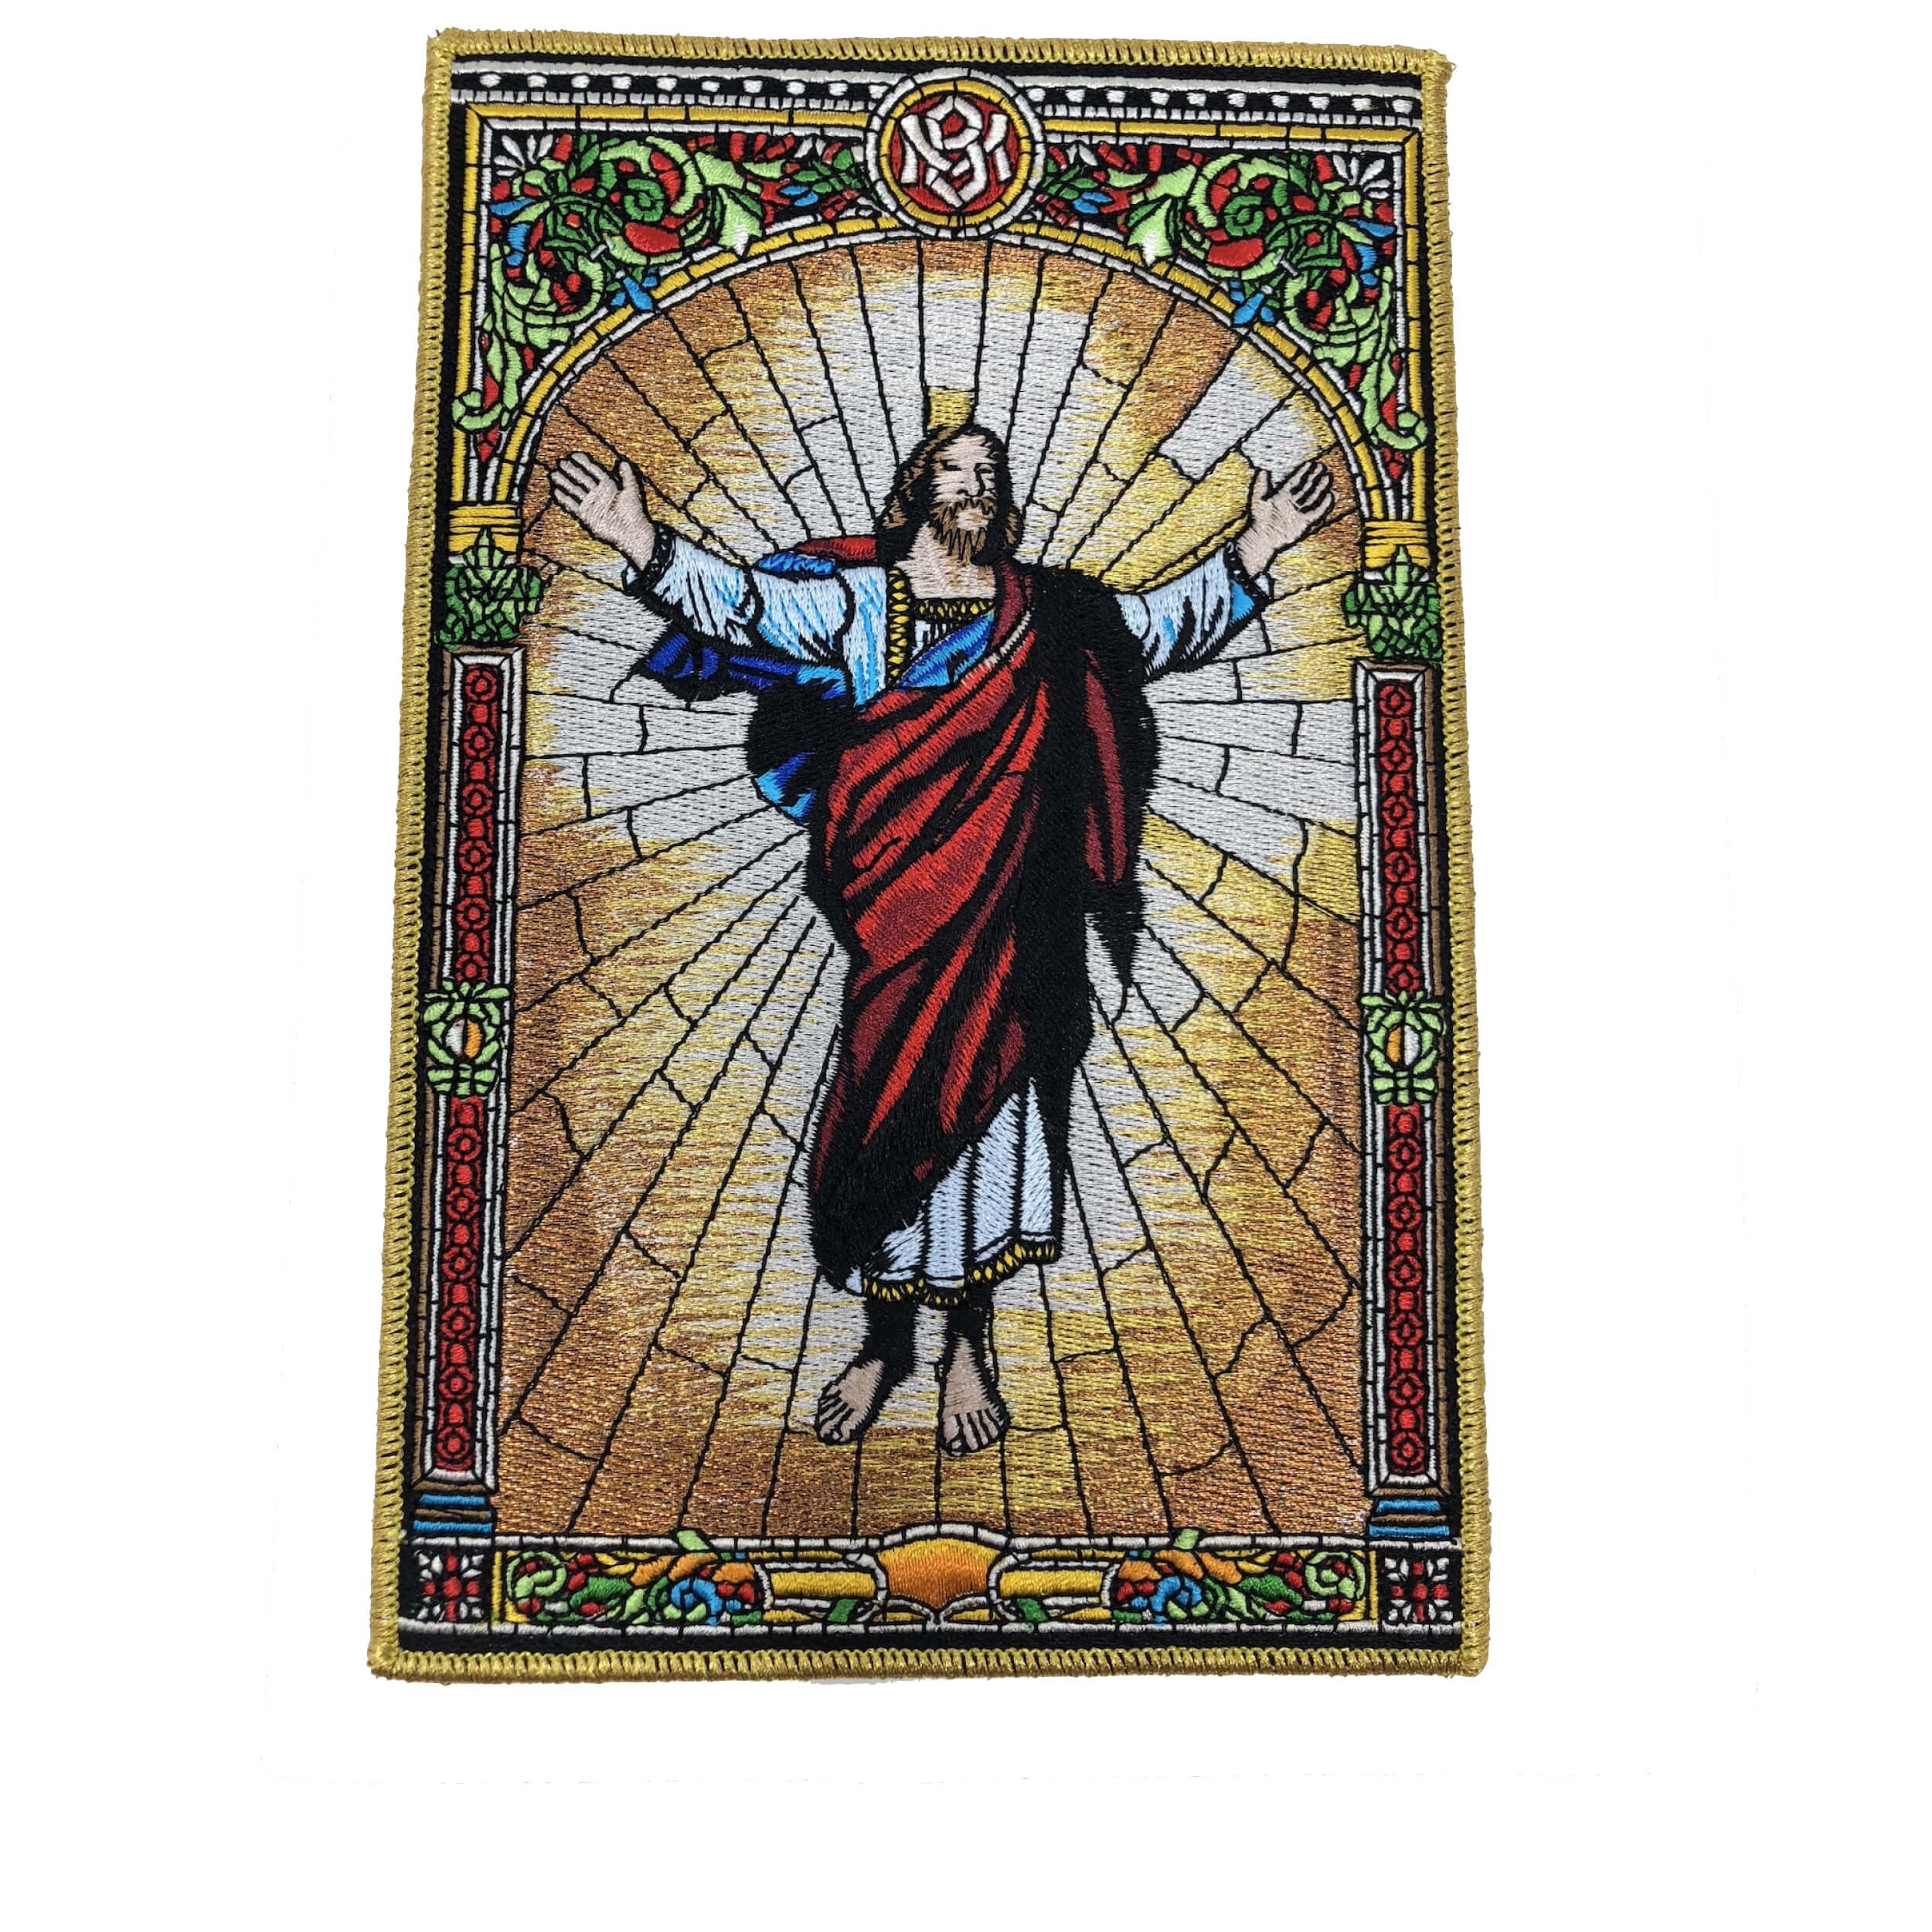 Risen Auferstehung Christ Jesus - Embroidered Patch - 20 x 13 cm